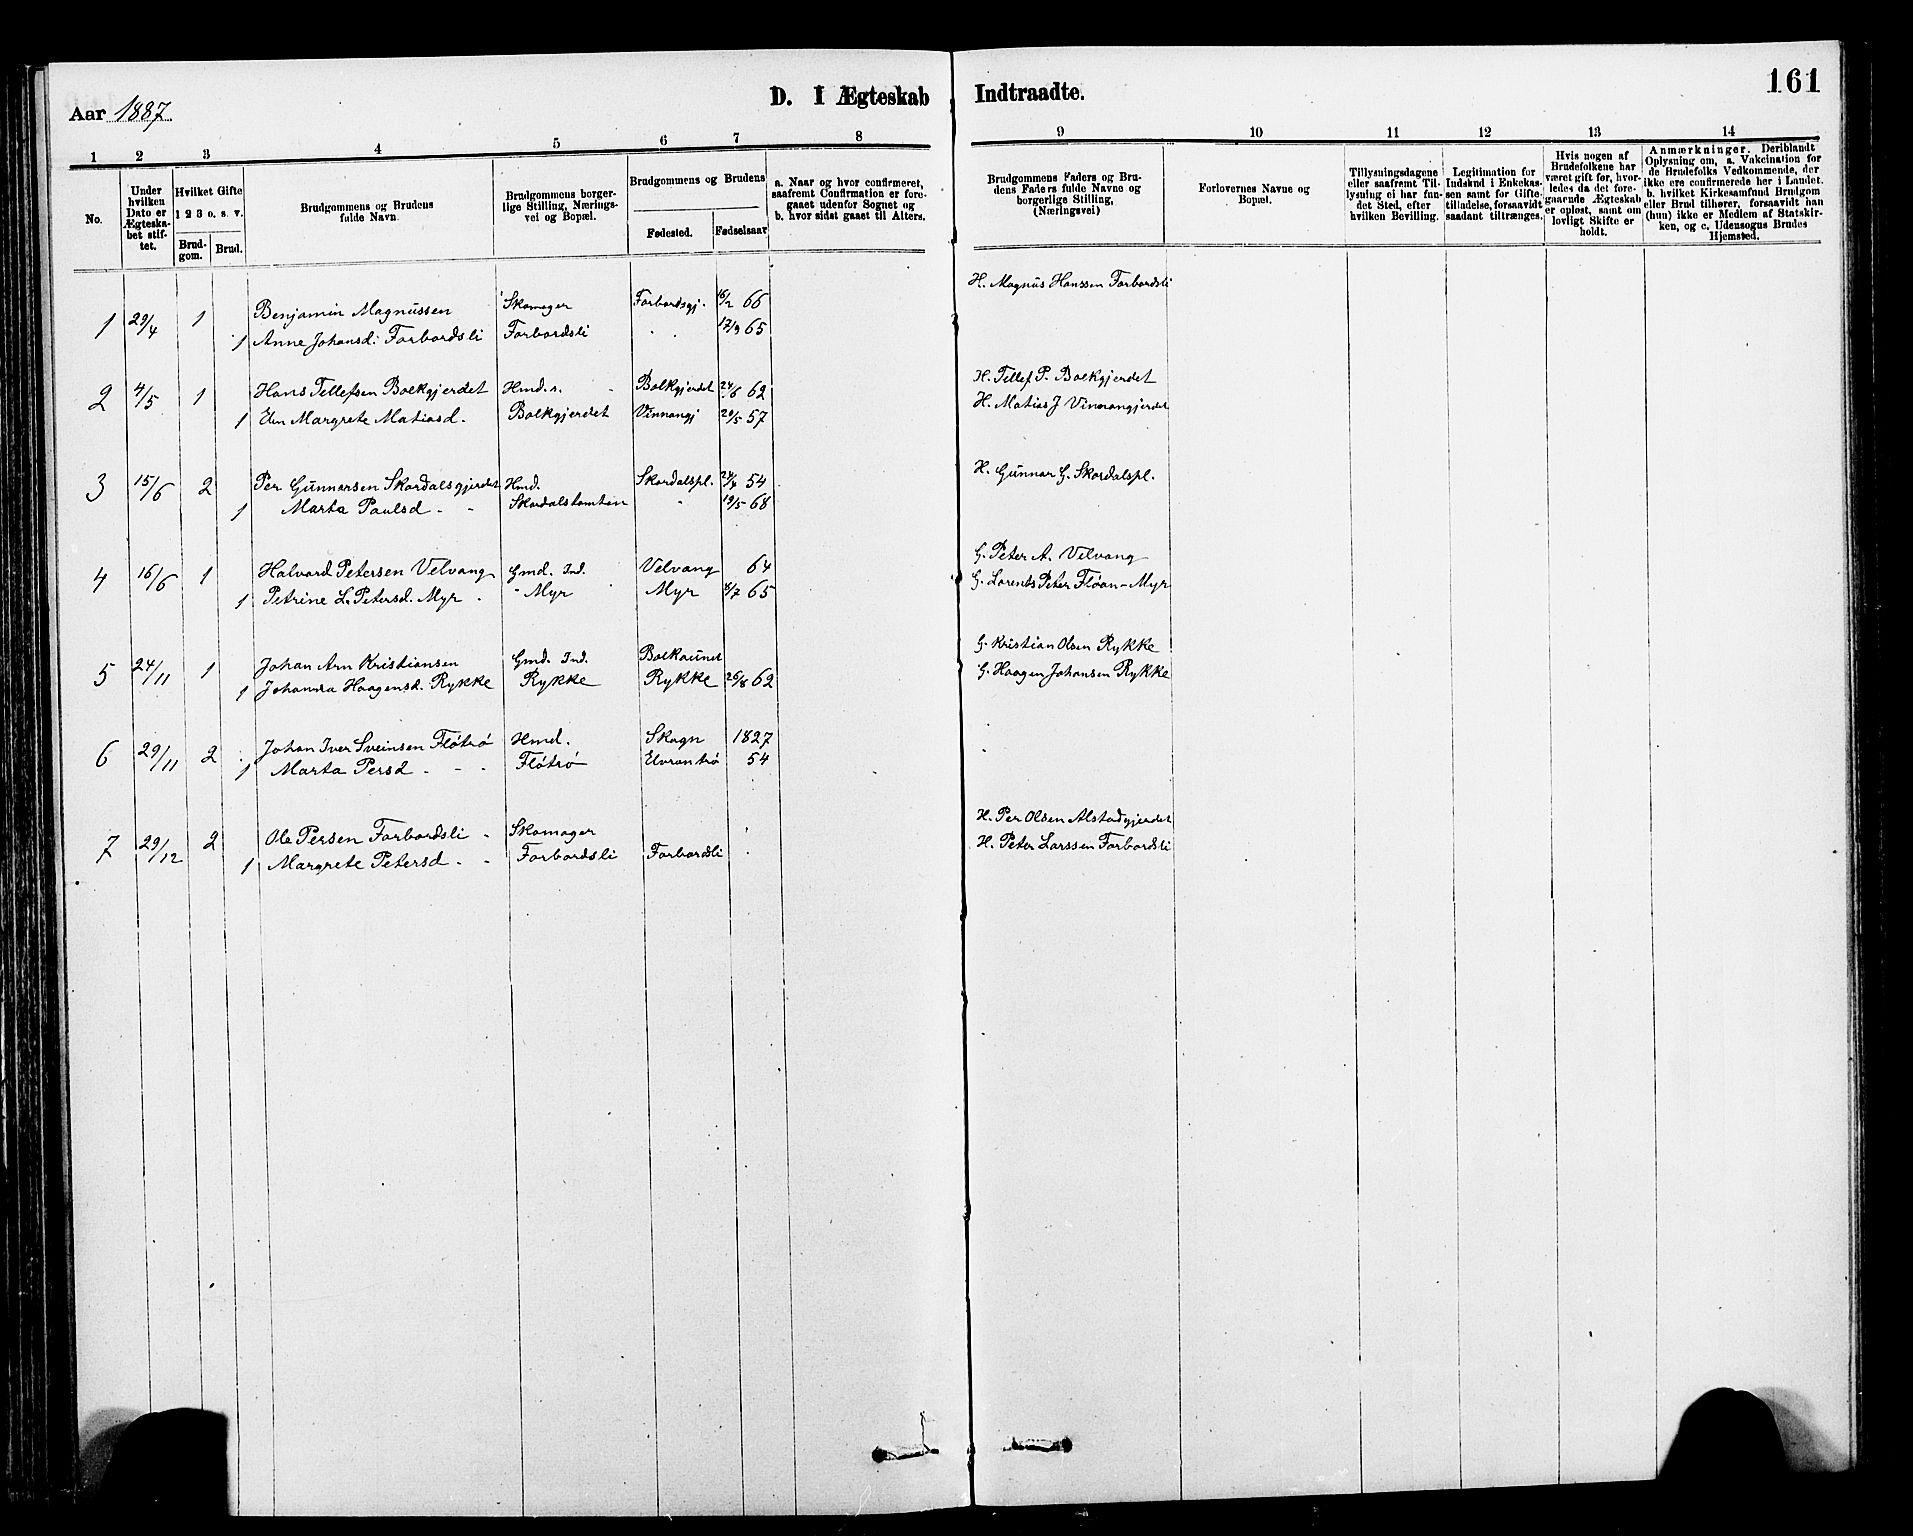 SAT, Ministerialprotokoller, klokkerbøker og fødselsregistre - Nord-Trøndelag, 712/L0103: Klokkerbok nr. 712C01, 1878-1917, s. 161